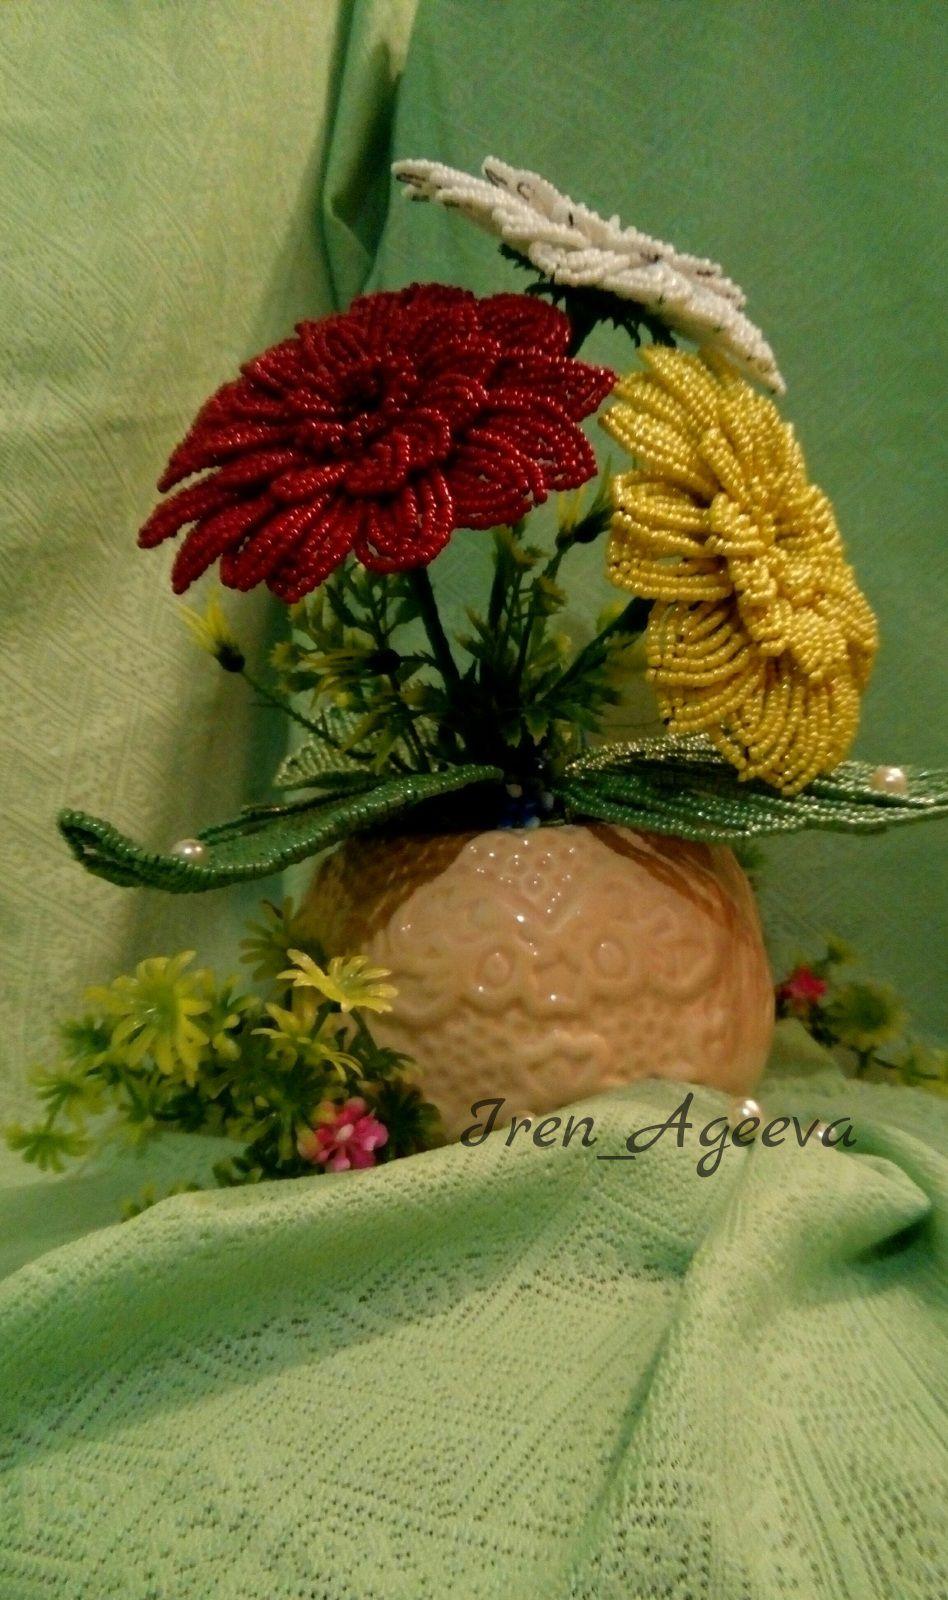 цветы подарок работа любовью праздник герберы ручная сделано бисер юбилей бисера рождения день